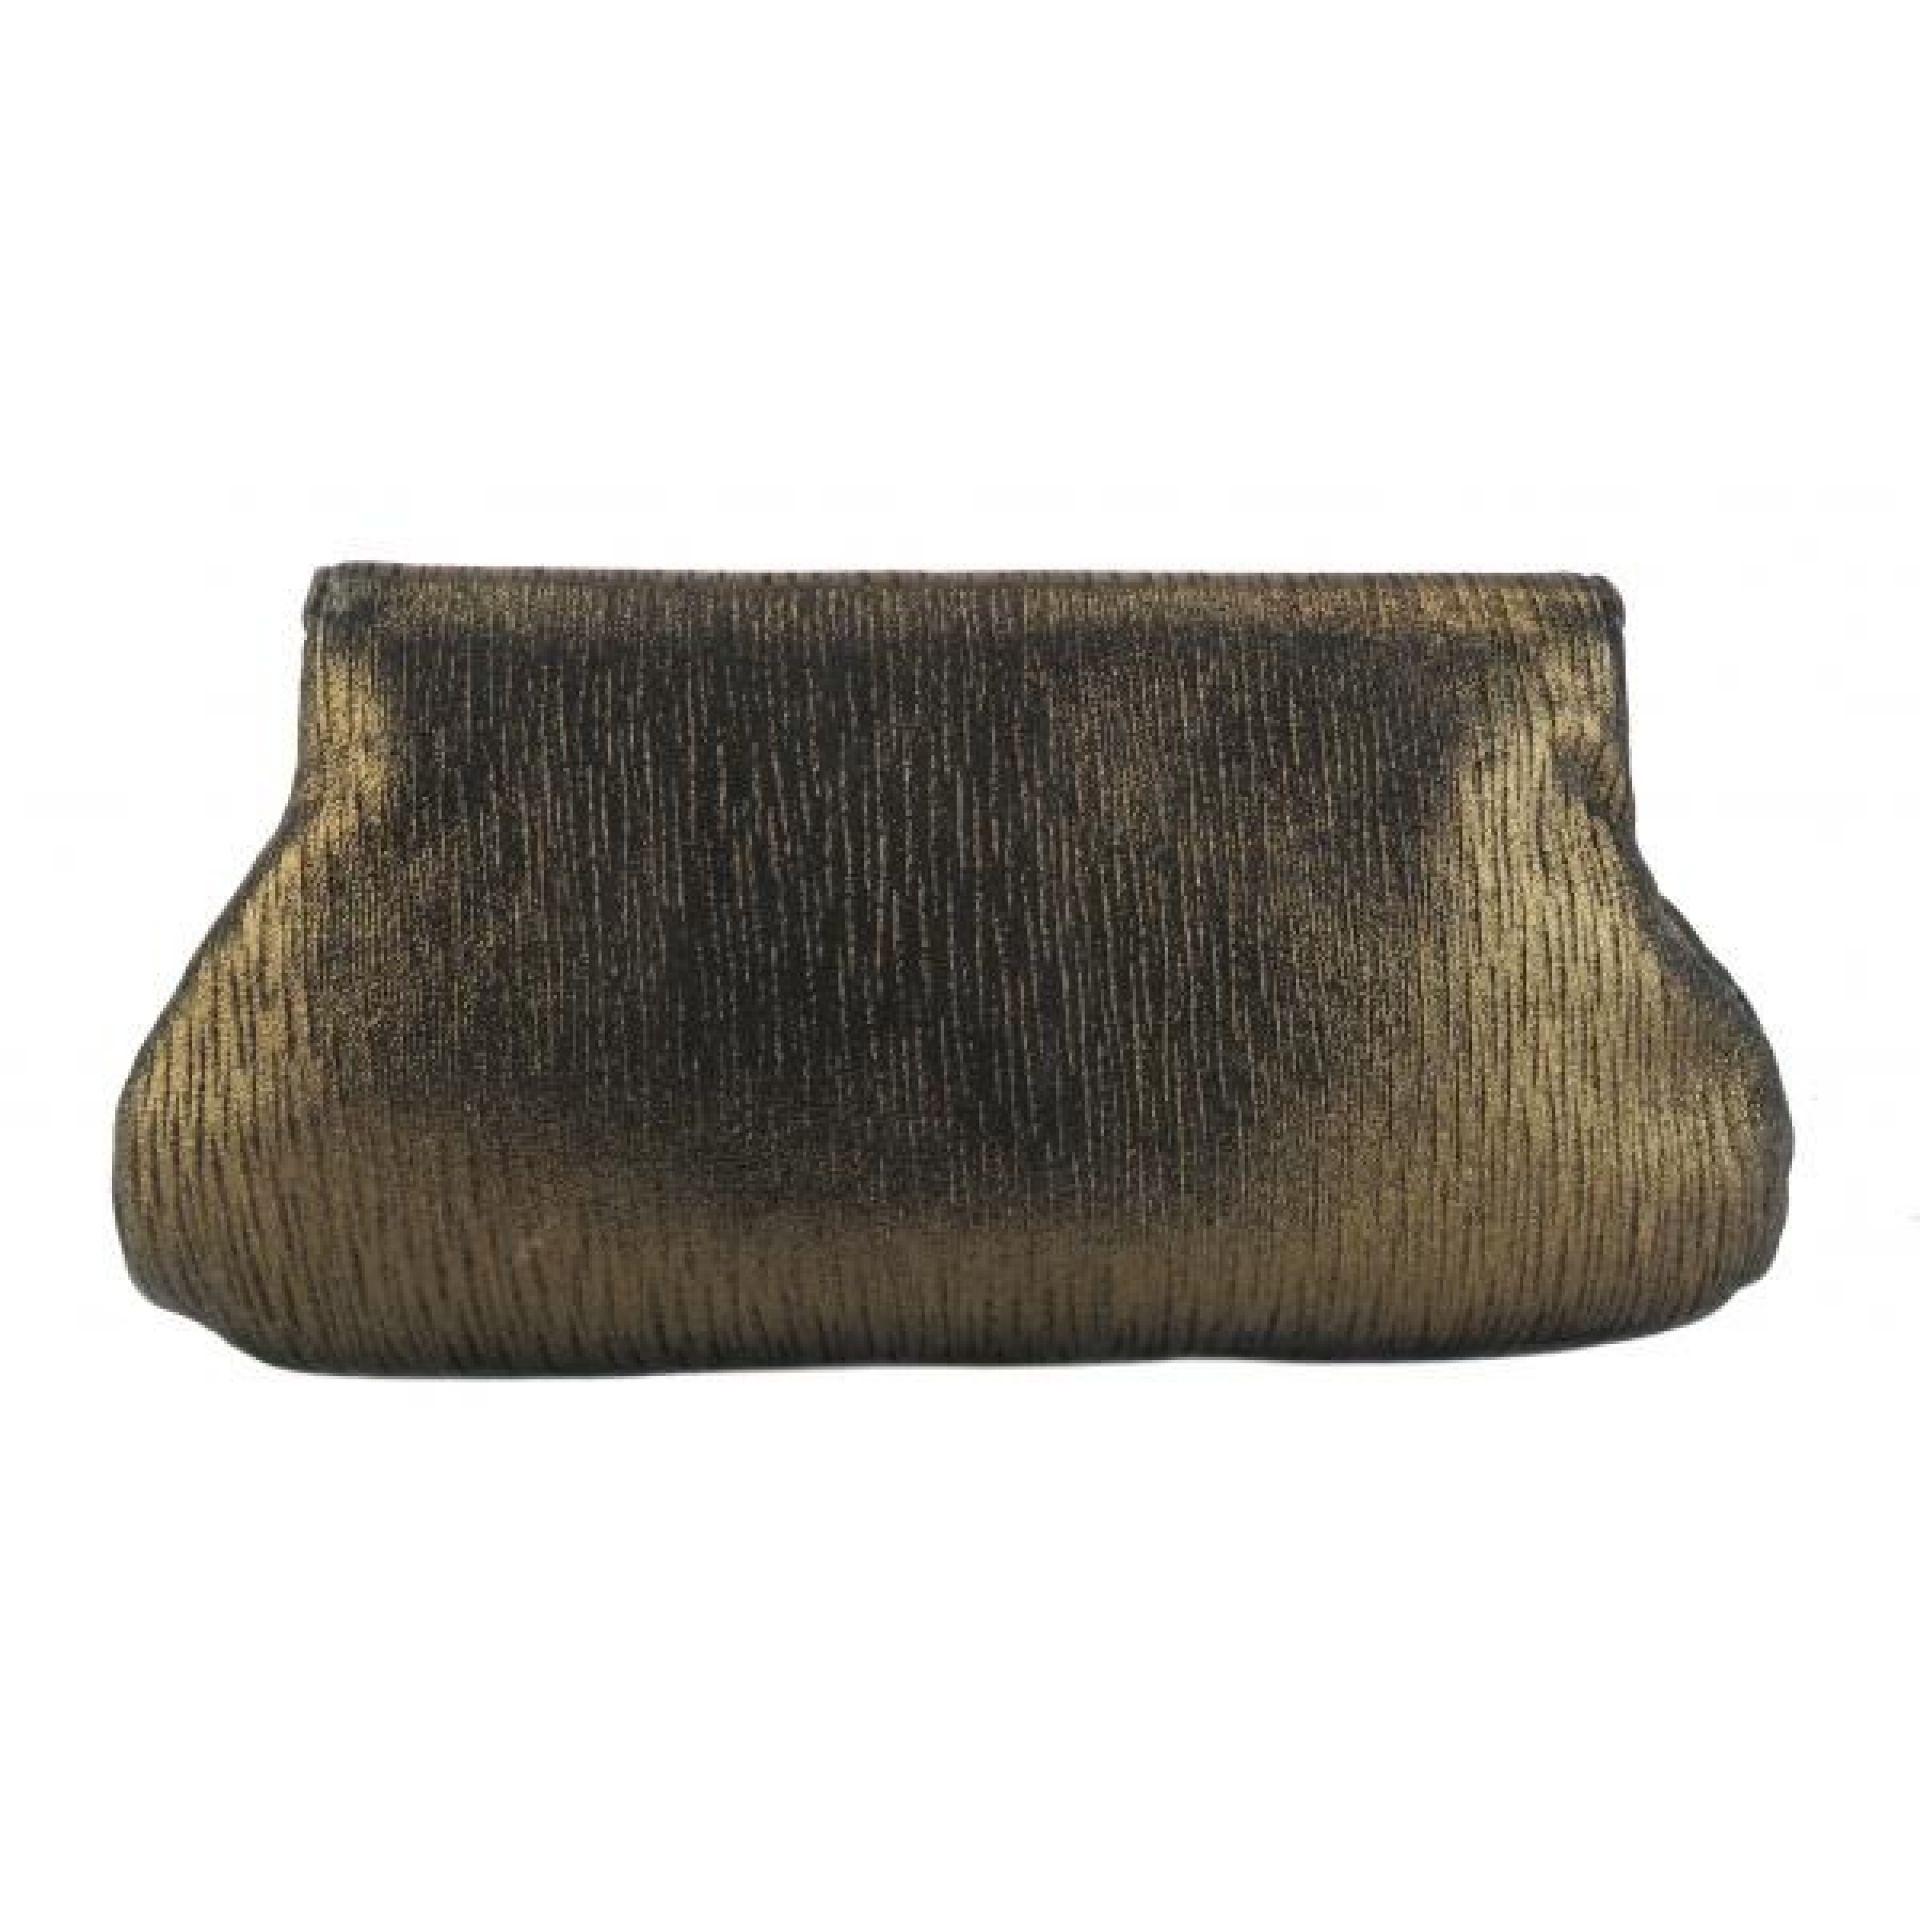 Lauren Merkin Bronze Metallic Leather Pleated Lotte Clutch